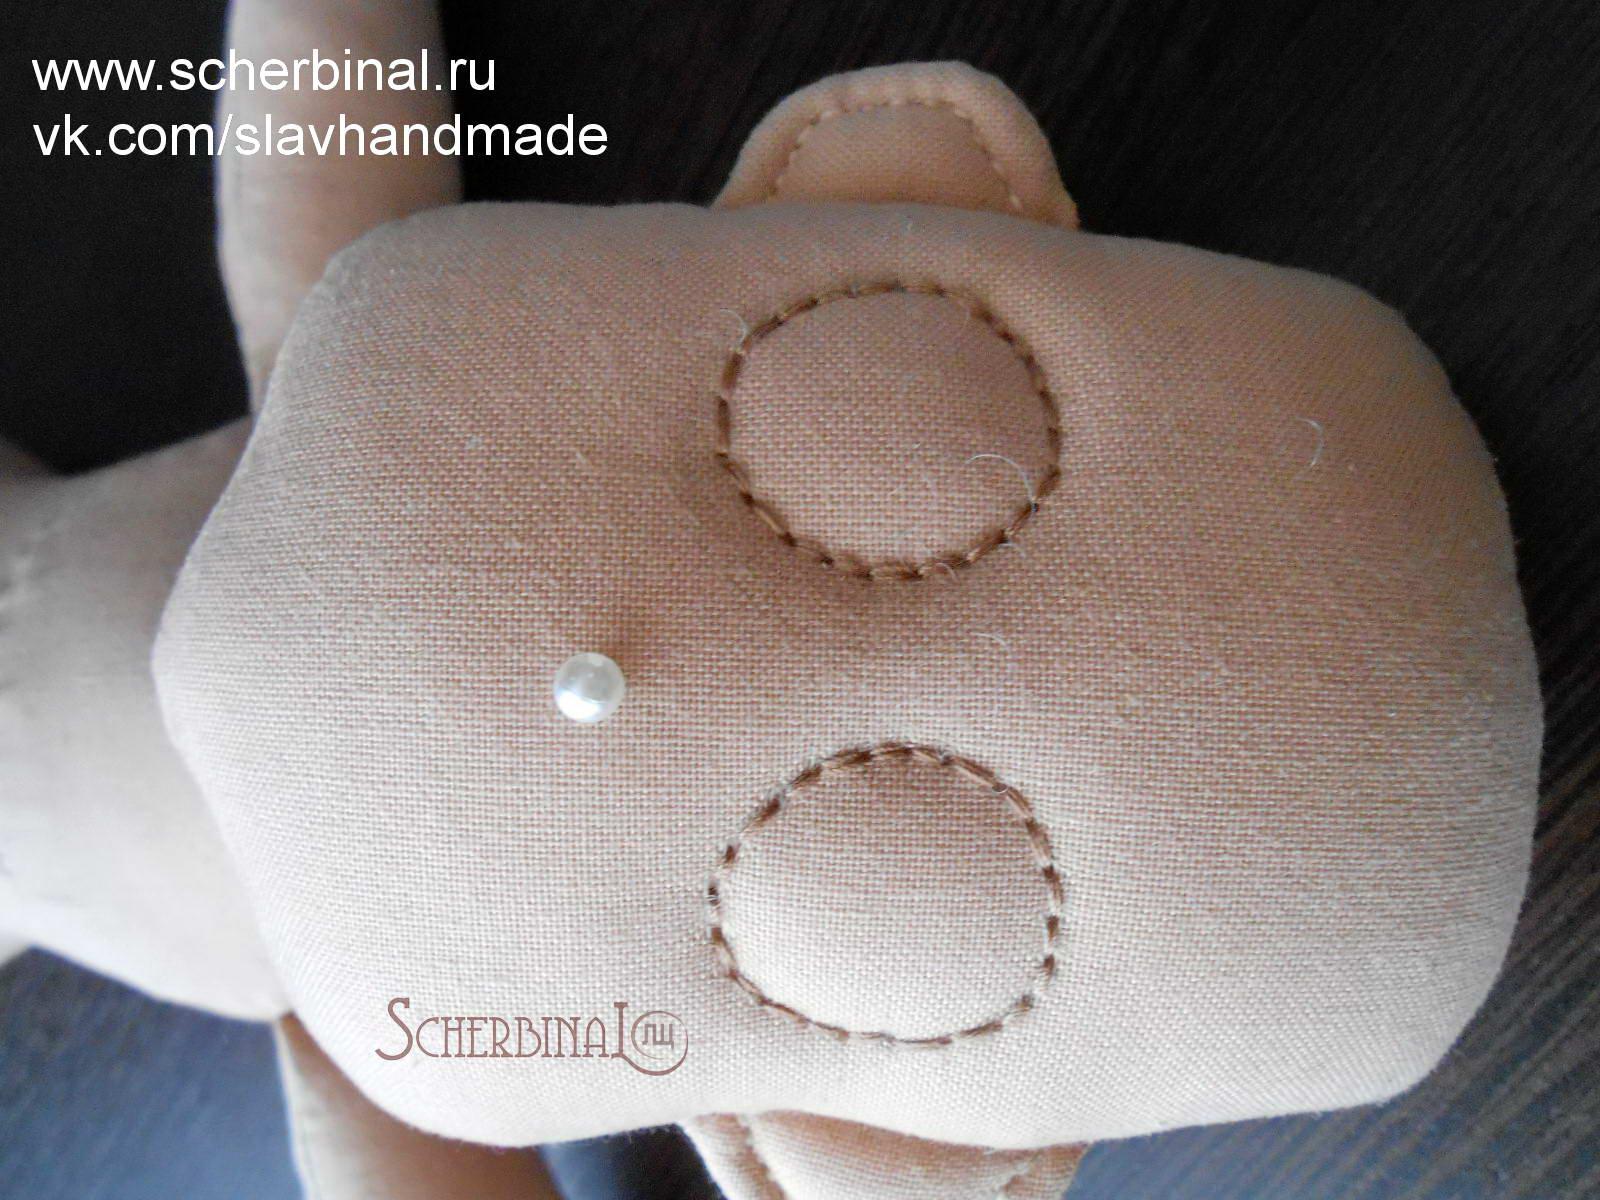 Совместный пошив игровой текстильной куклы-карамельки с Людмилой Щербина, утяжка лица куклы, мастер-класс